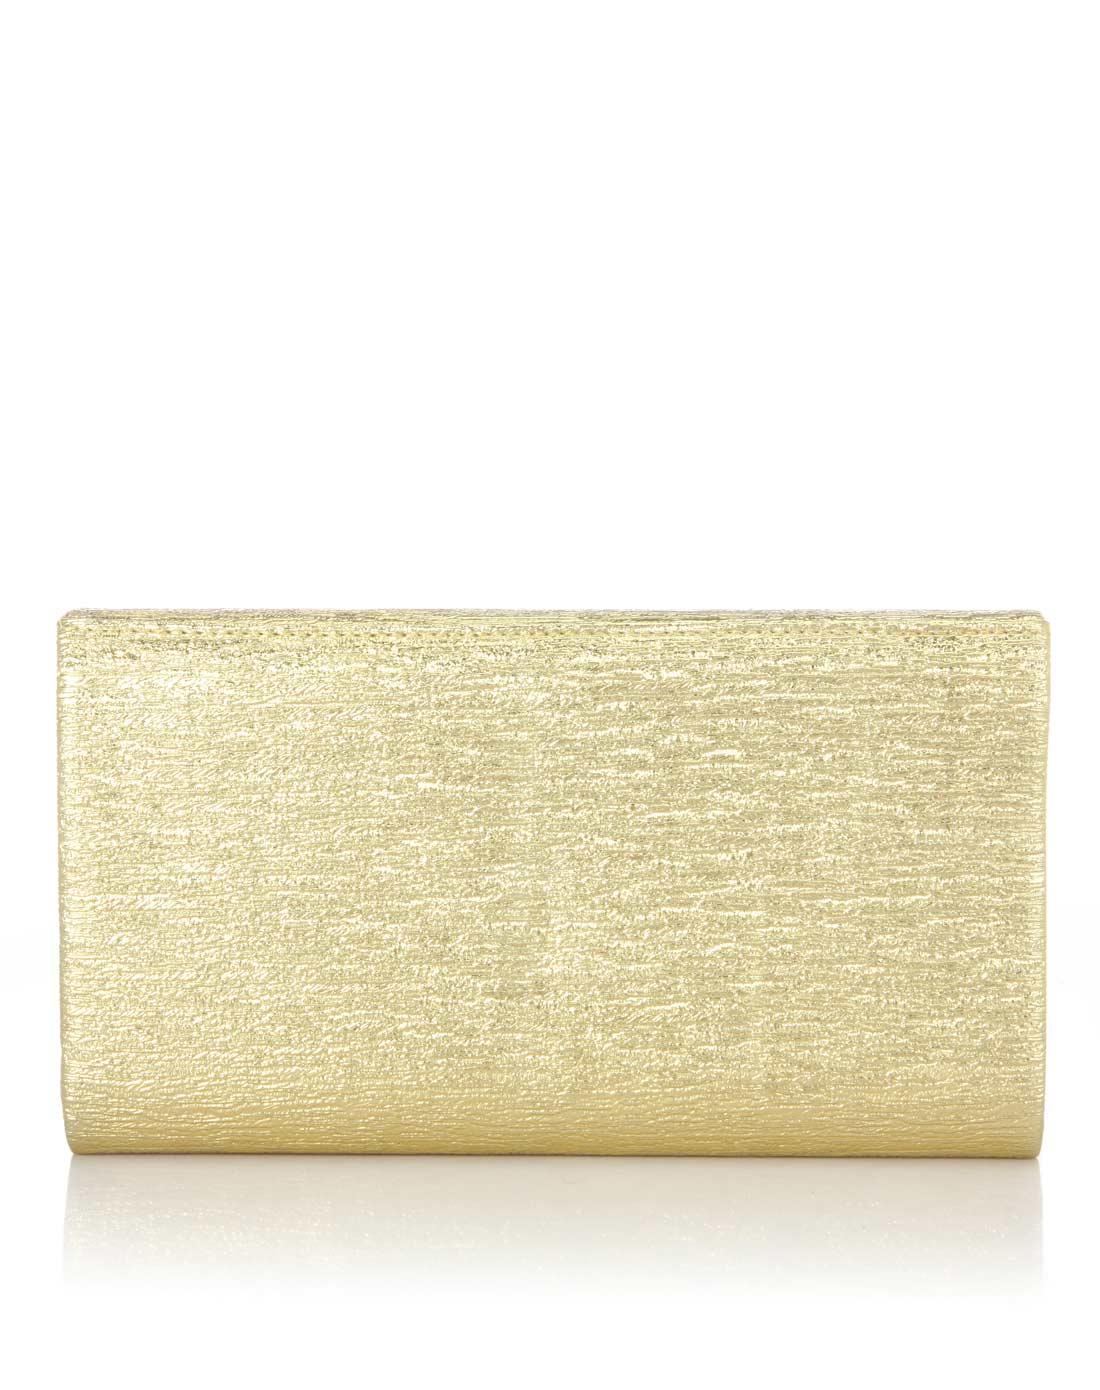 阿卡莎alcazar女款金色韩国进口金属树皮纹pu手拿包